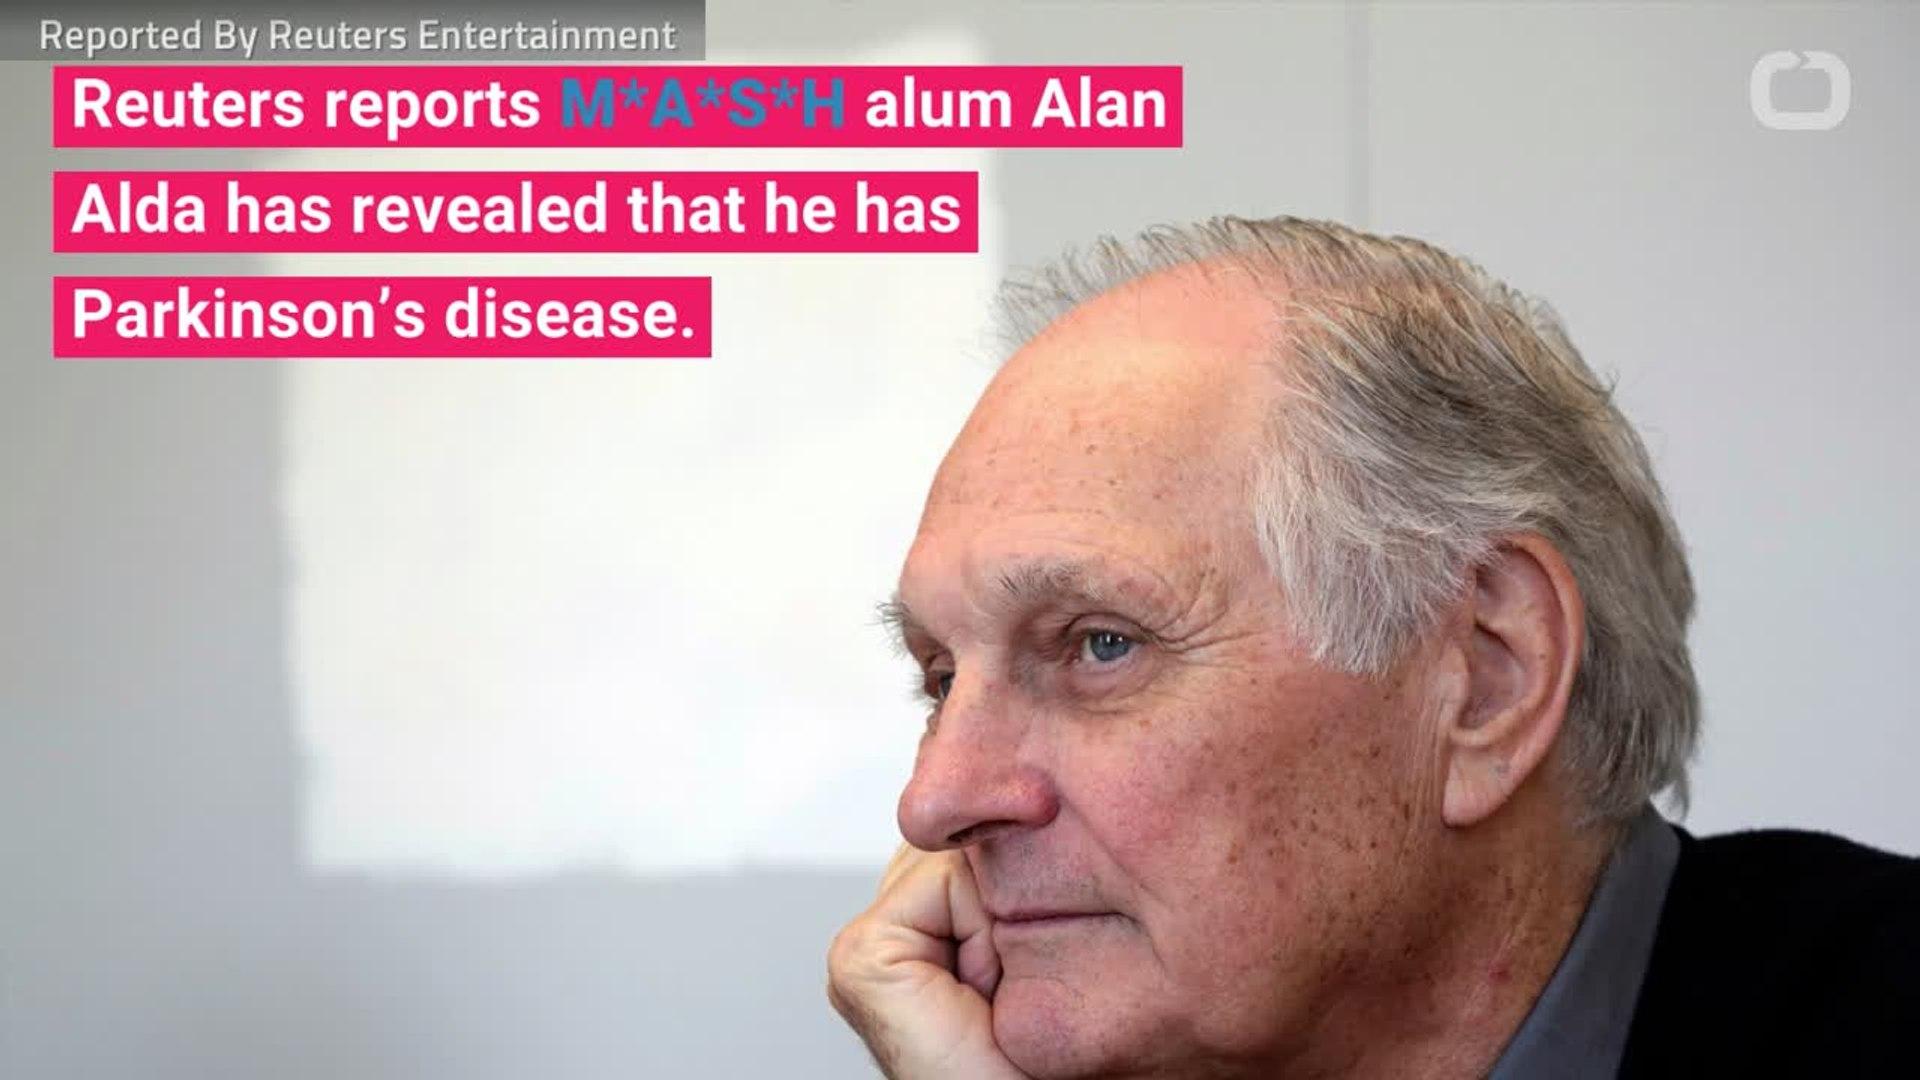 'M*A*S*H' Star Alan Alda Reveals Parkinson's Diagnosis